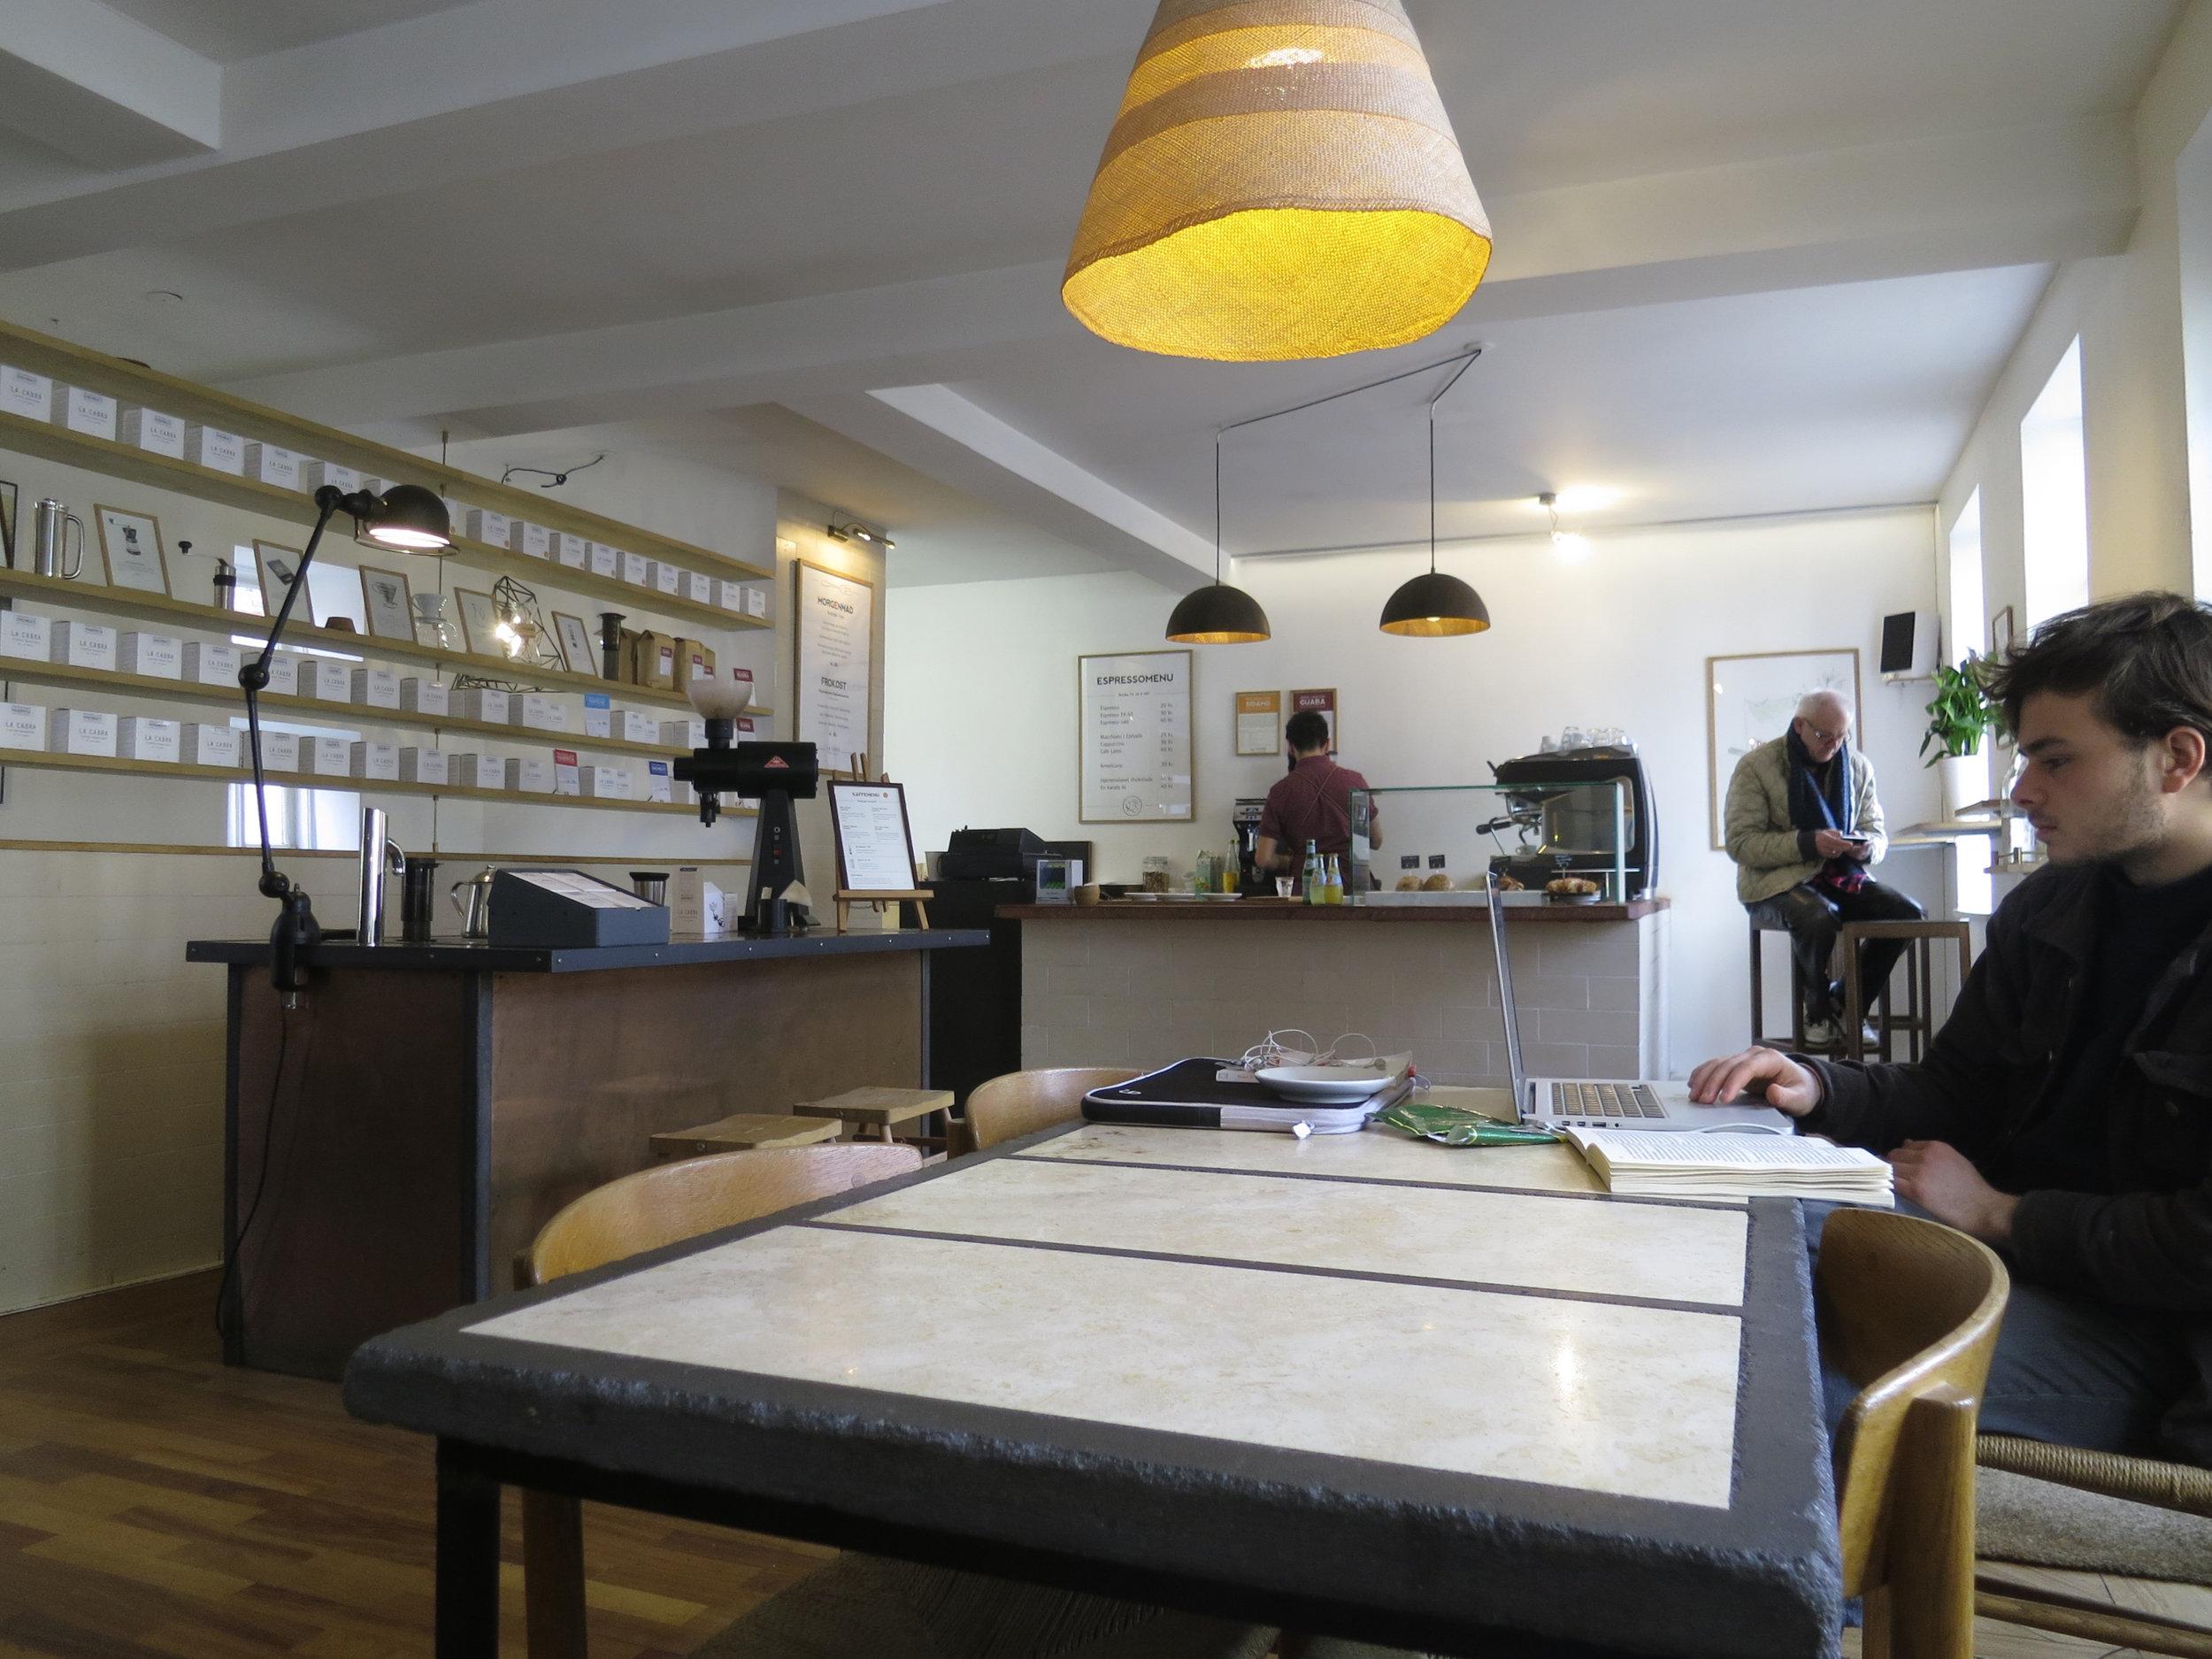 La Cabra Coffee店内(出典  Flickr )